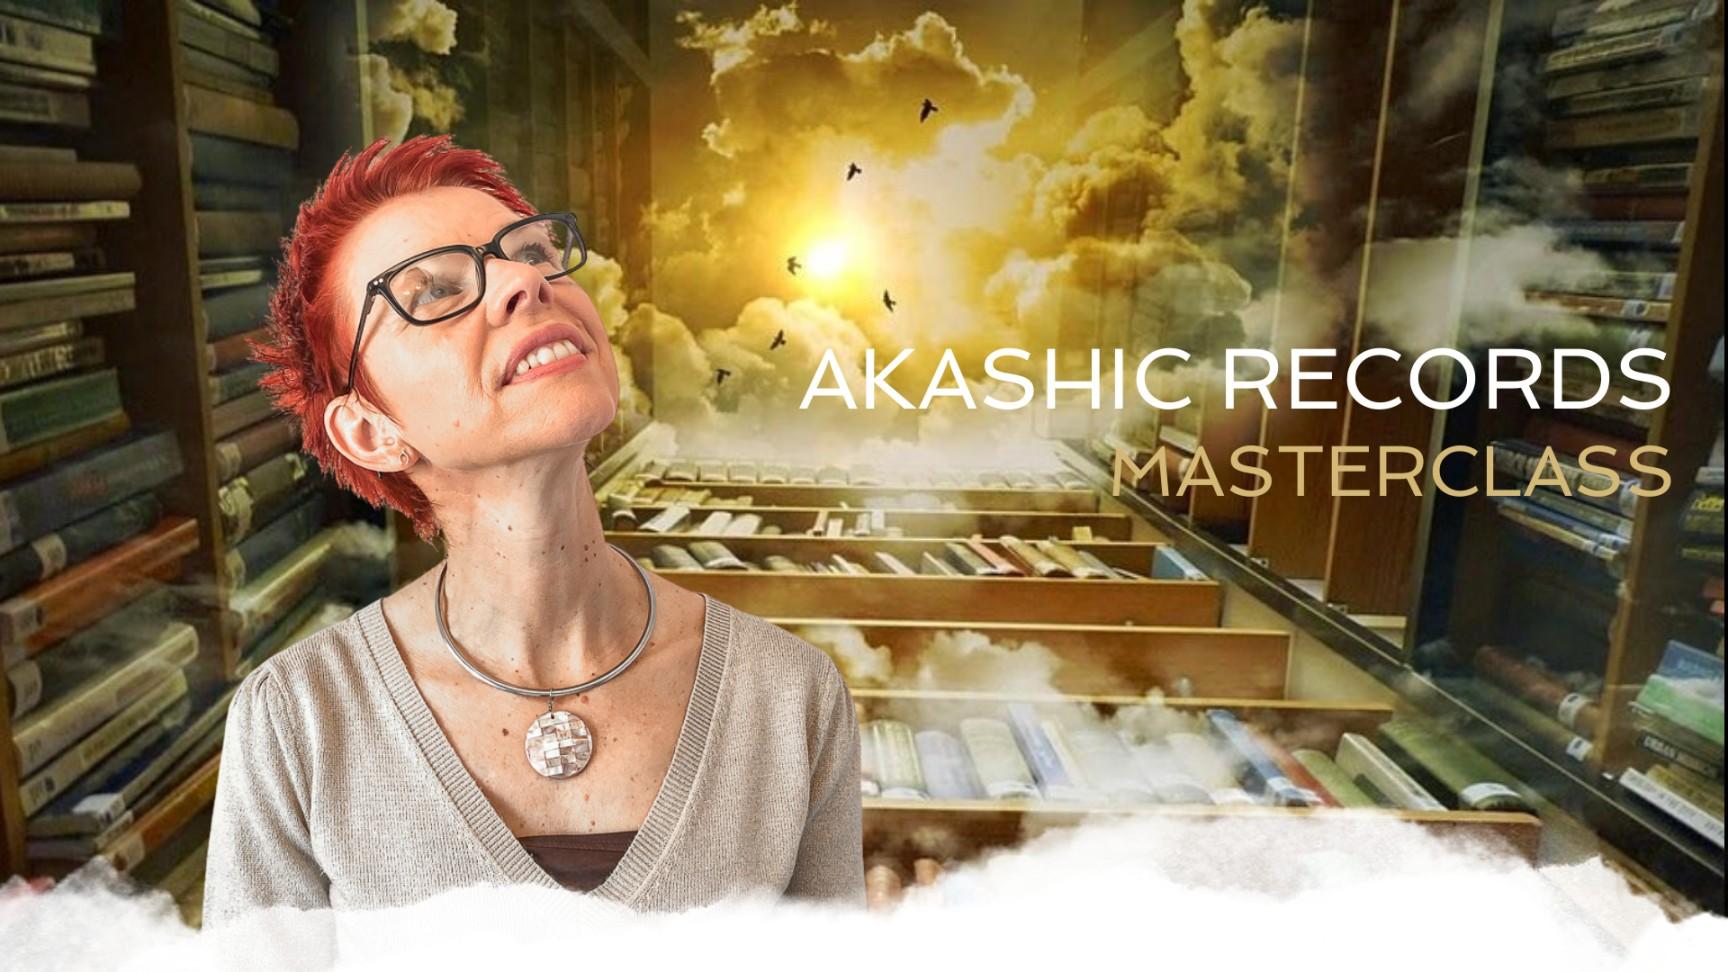 Akashic Records Masterclass